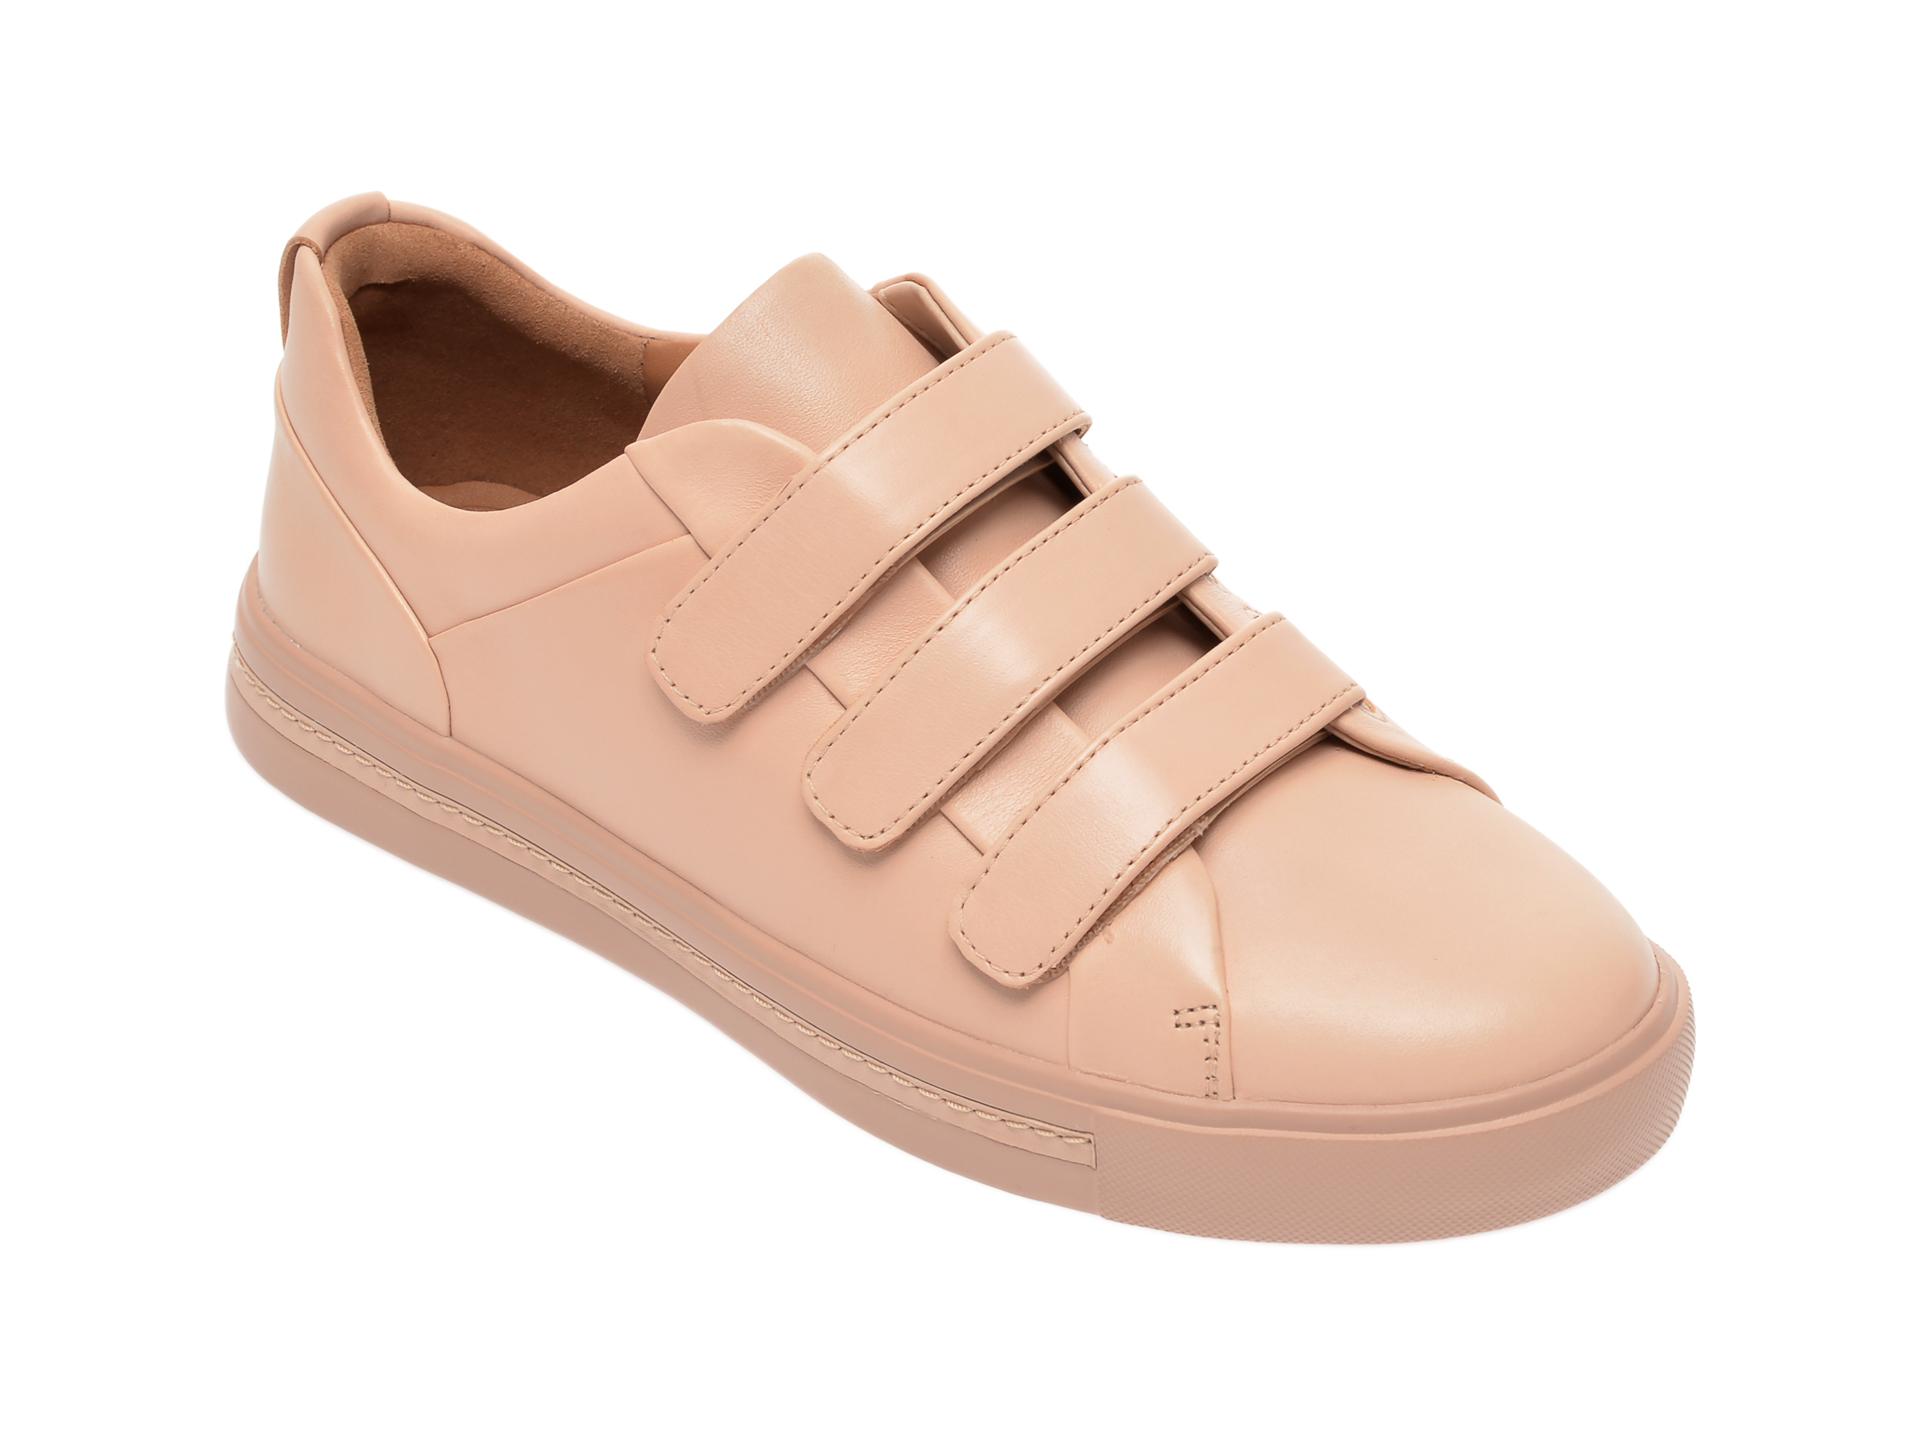 Pantofi CLARKS nude, Un Maui Strap, din piele naturala